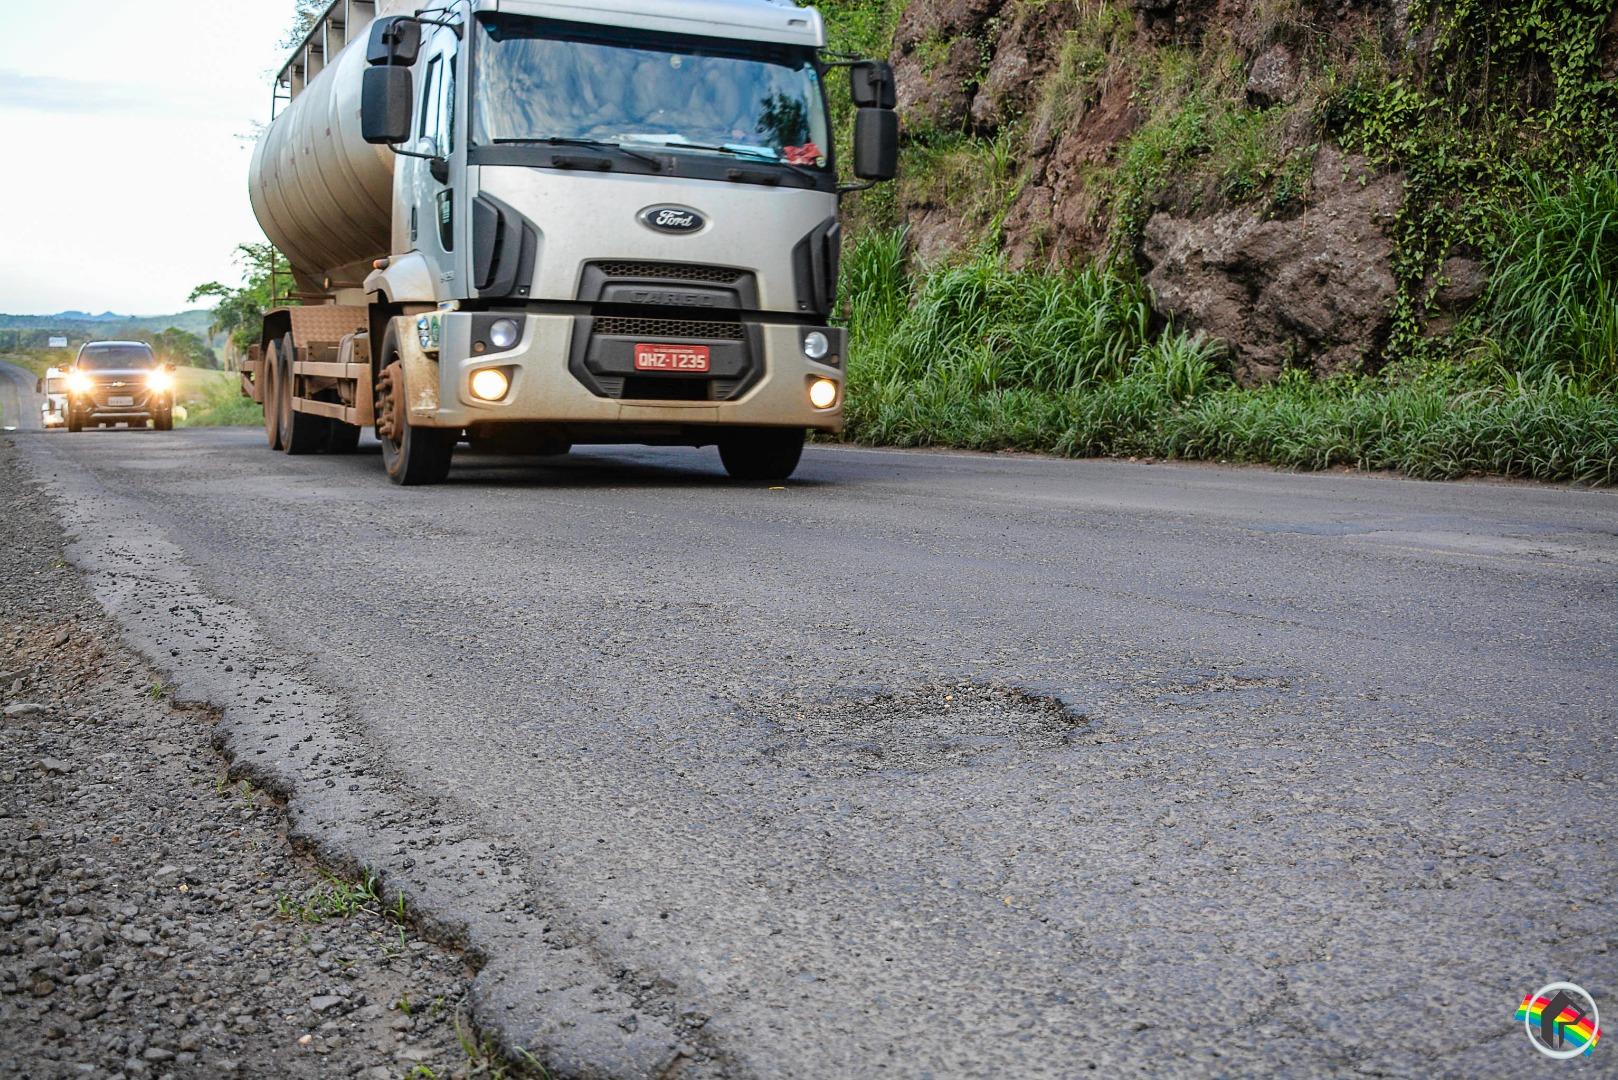 Dnit realiza recuperação emergencial de trecho da BR-163 em Guaraciaba